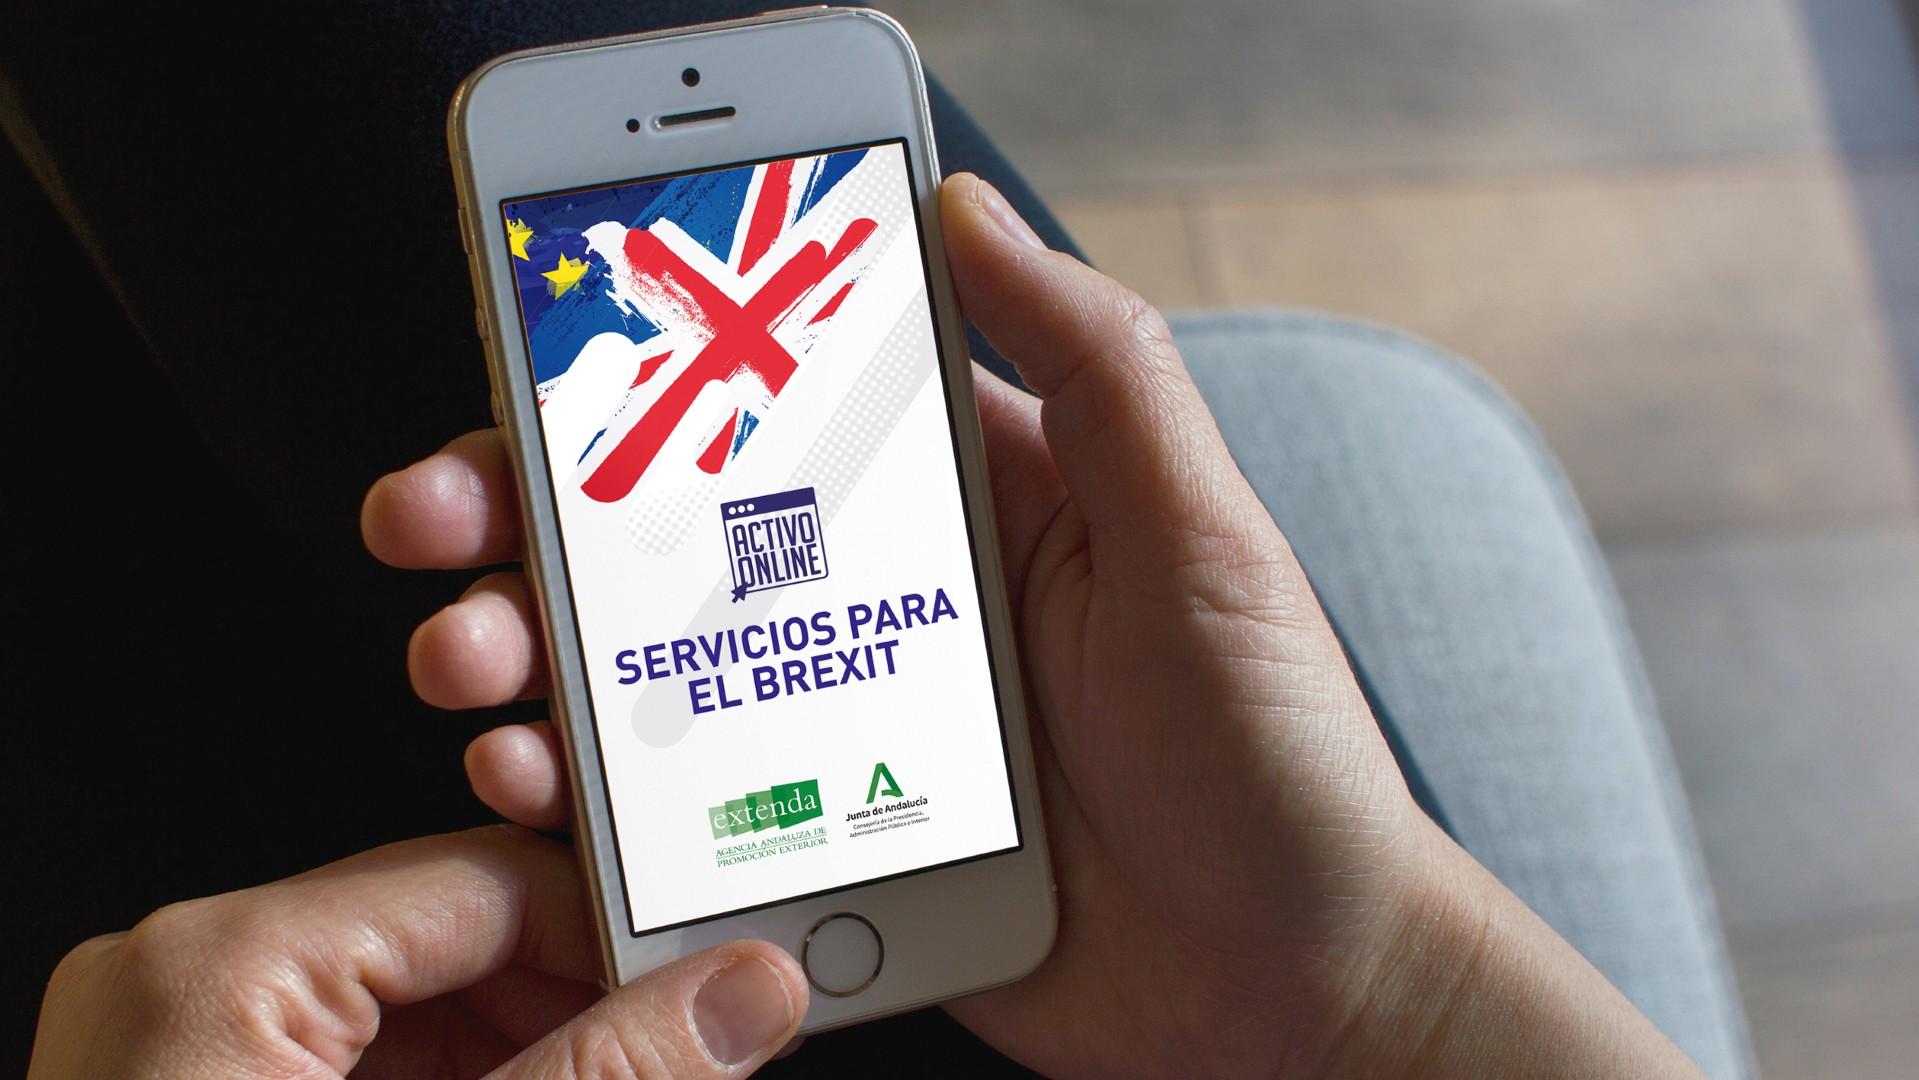 Extenda estrena un nuevo servicio para ayudar a las firmas andaluzas que exportan a Reino Unido a elaborar sus planes de contingencia frente al Brexit